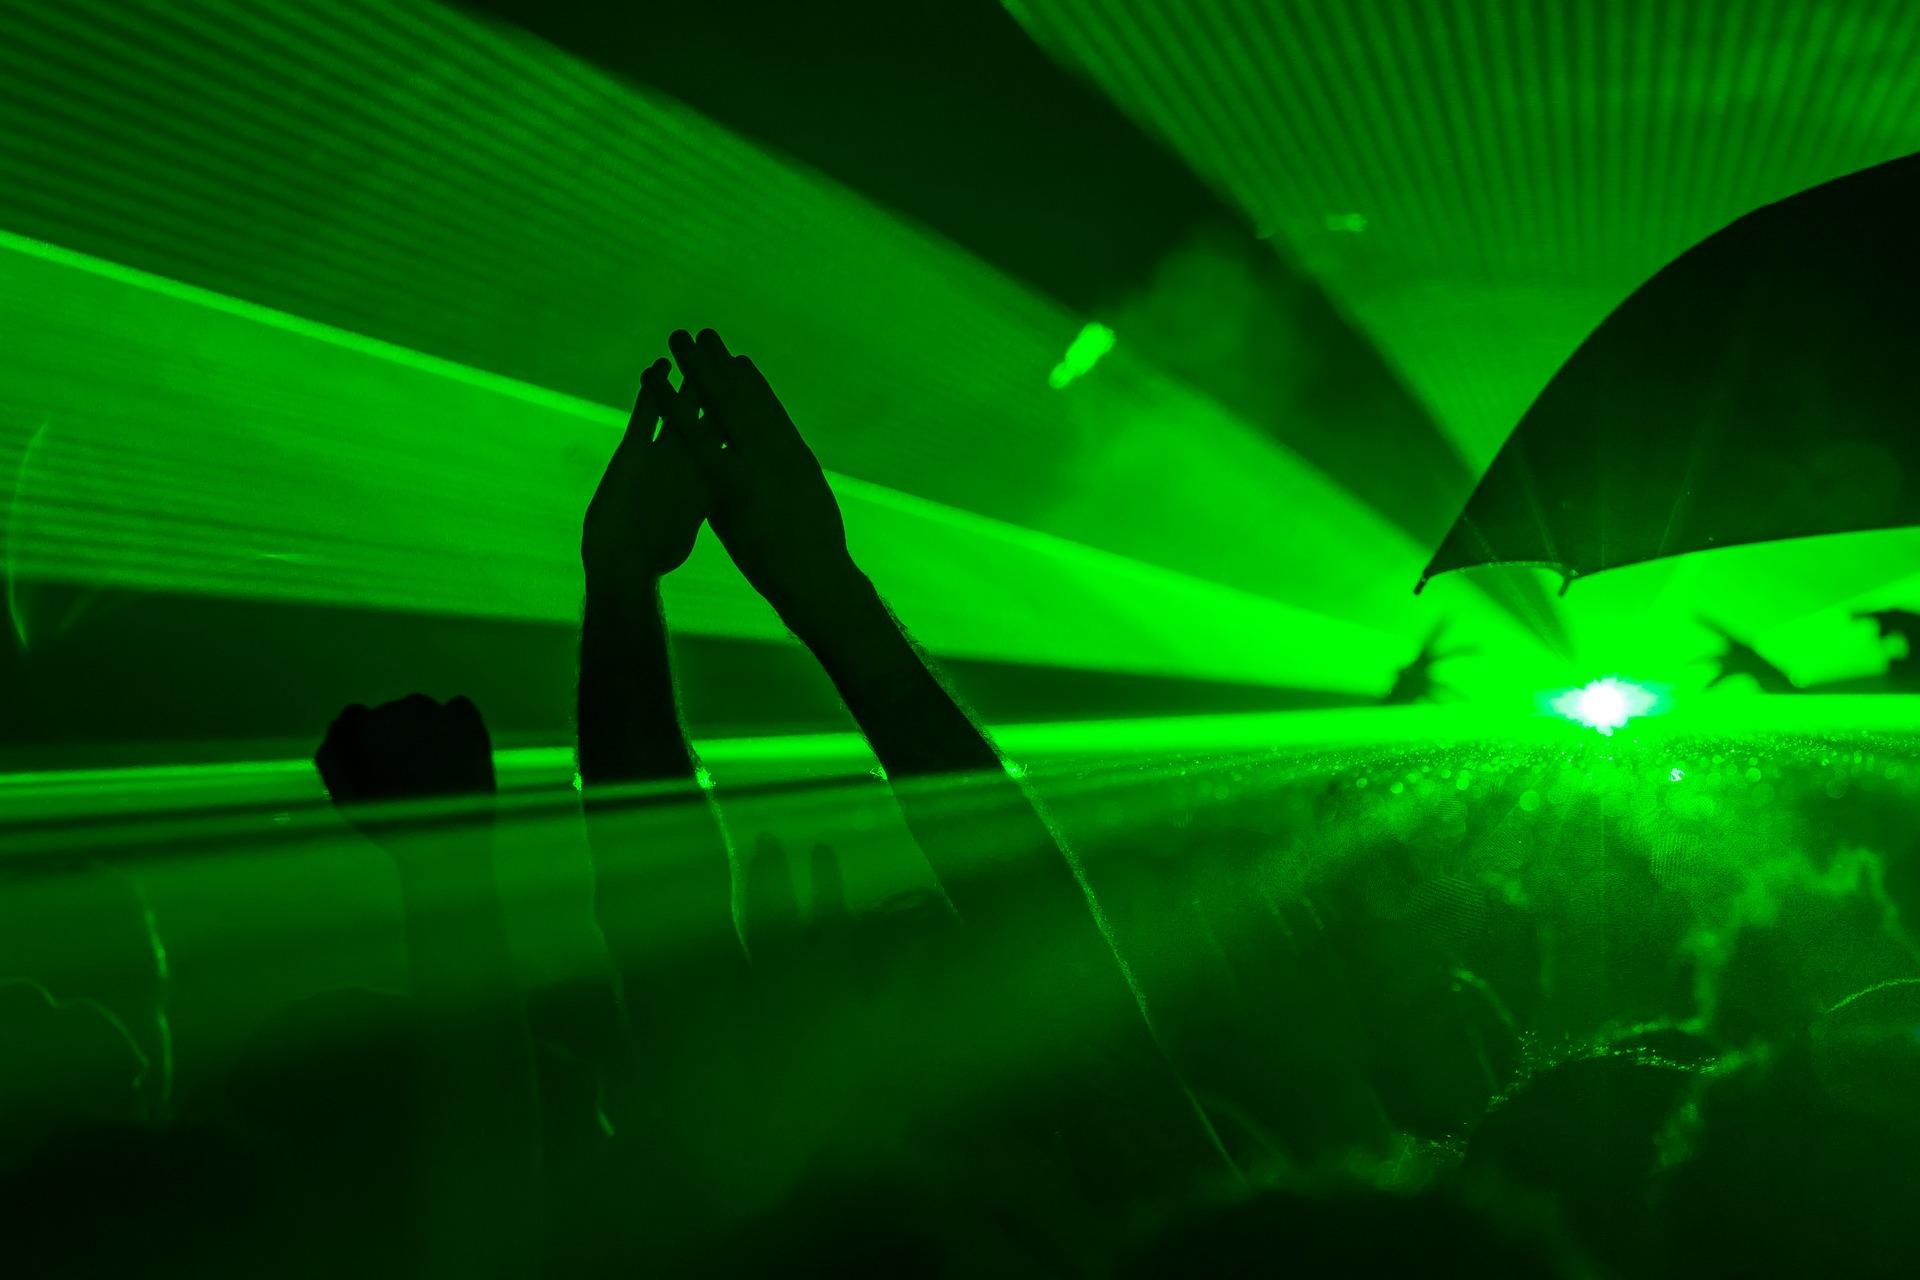 rave party green light ©Aurélien Papa